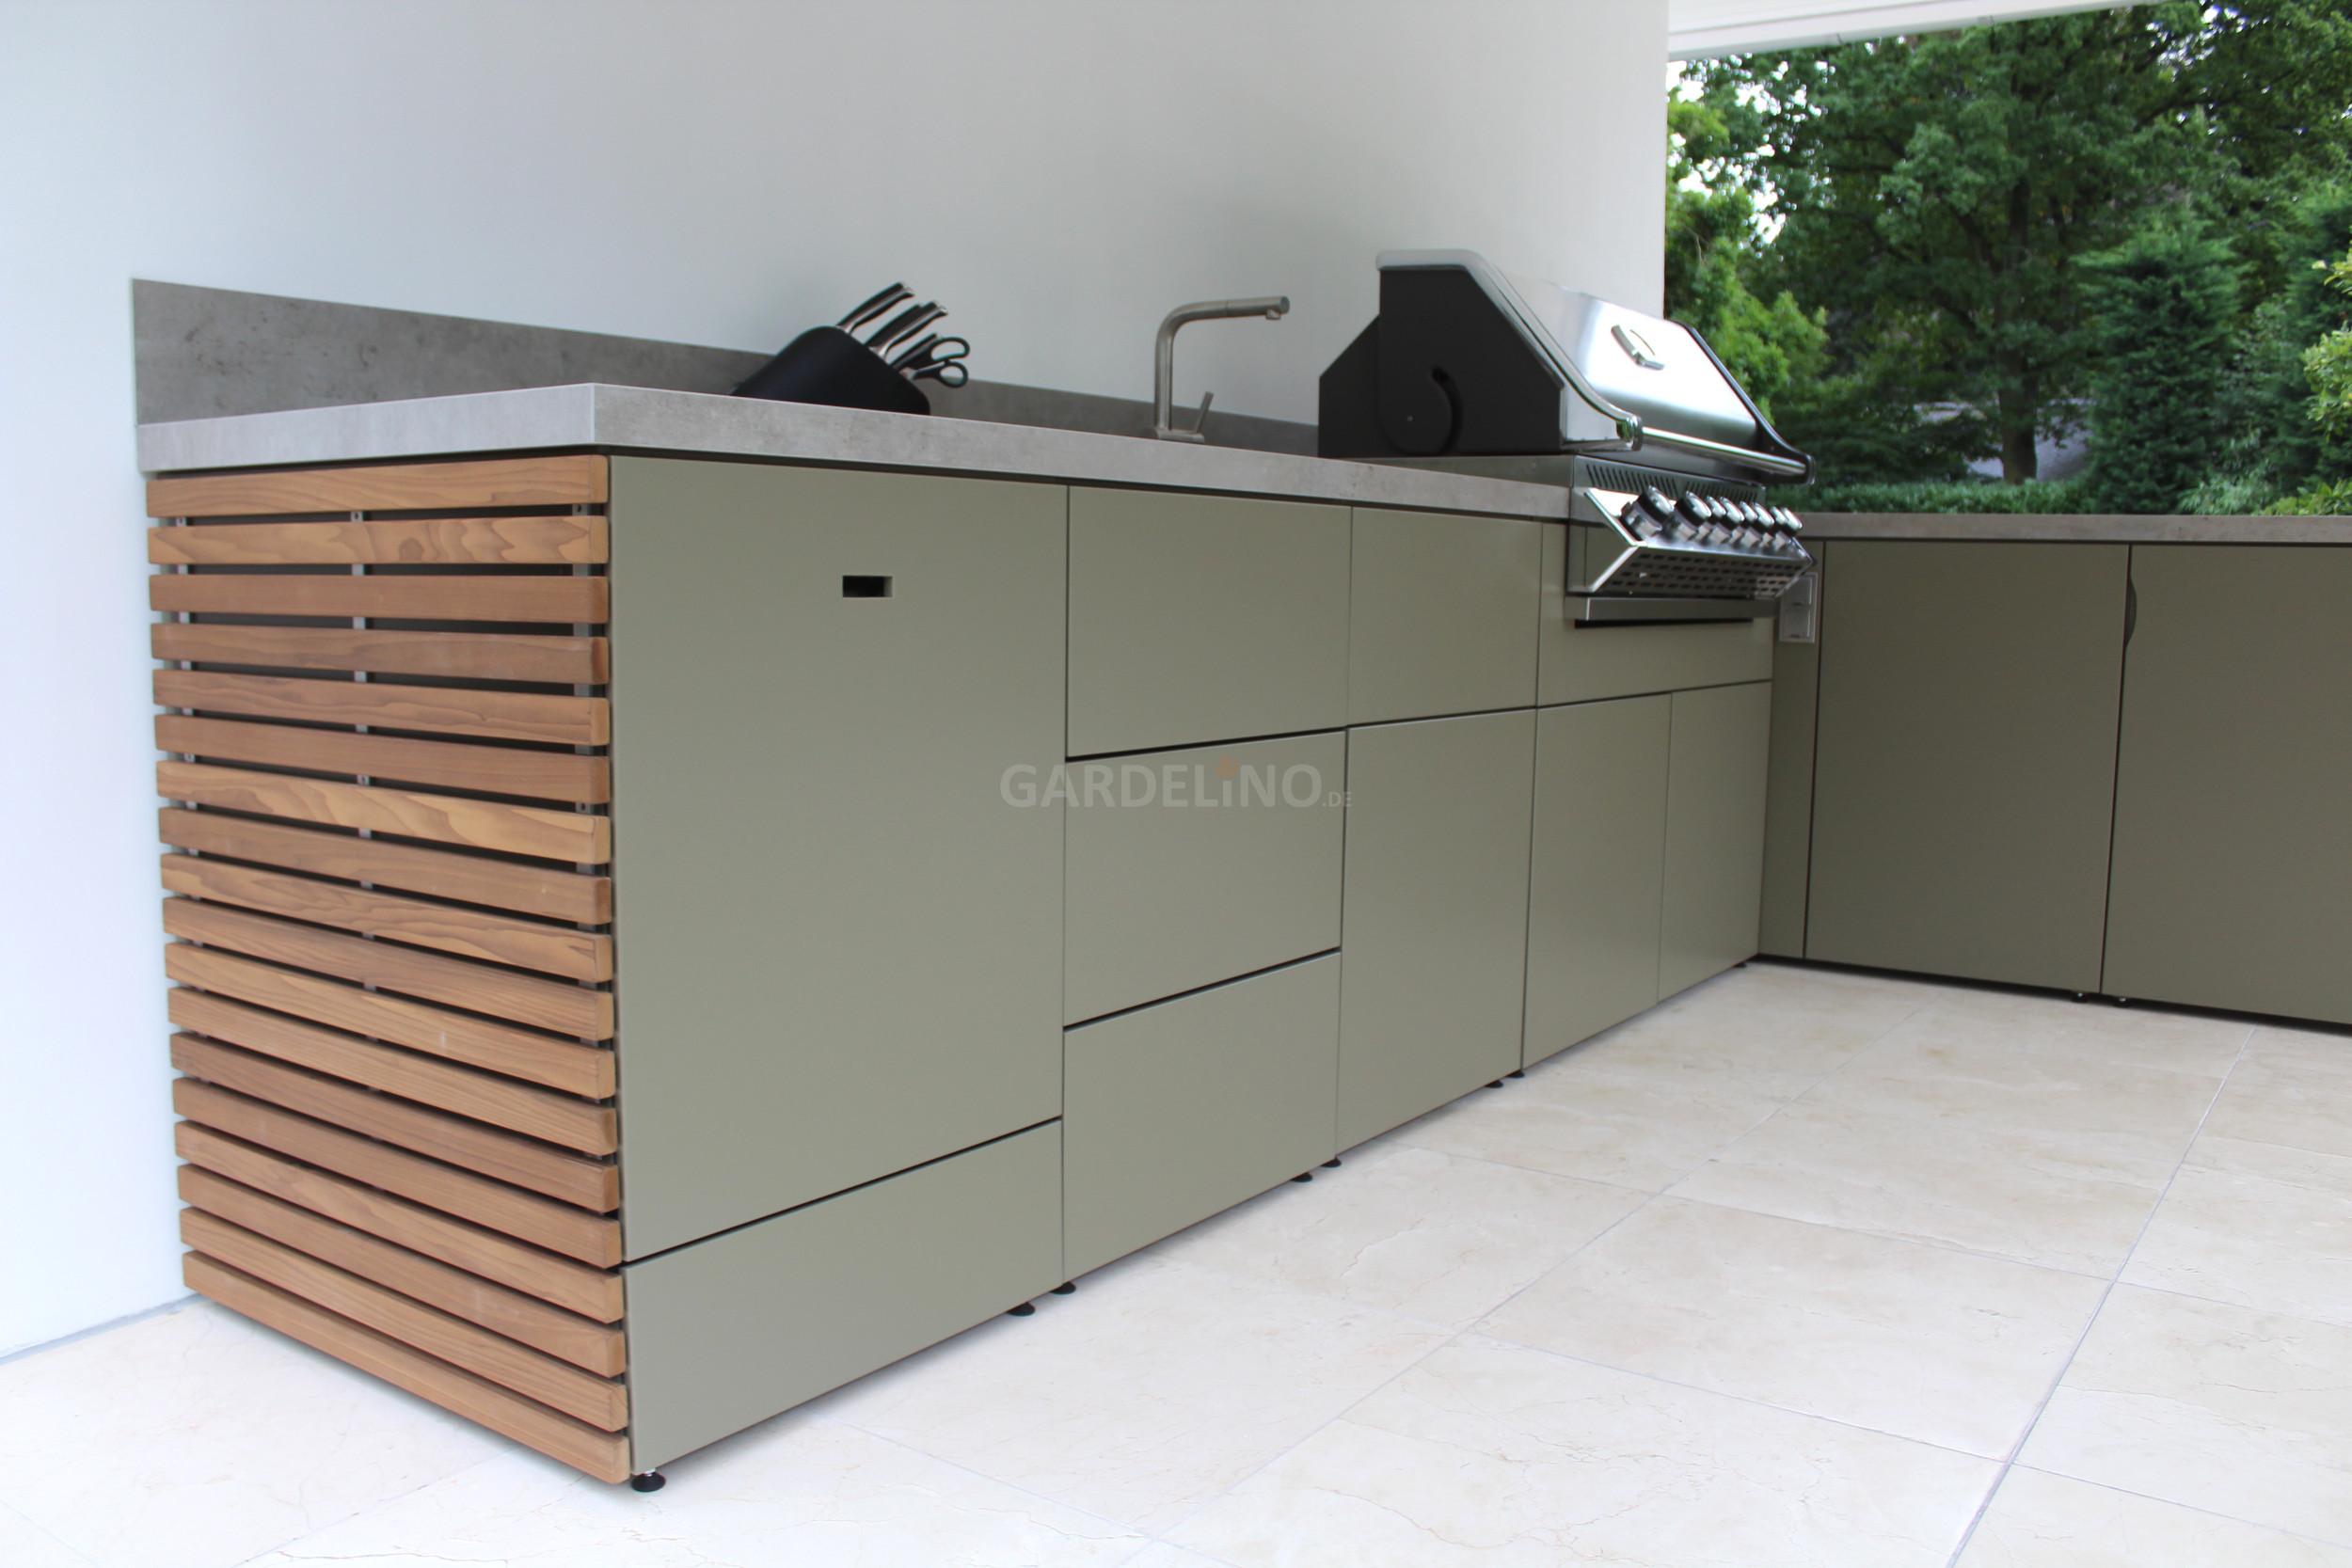 Outdoorküche Bausatz Test : Herrenhaus cubic outdoor kitchen fachhandel